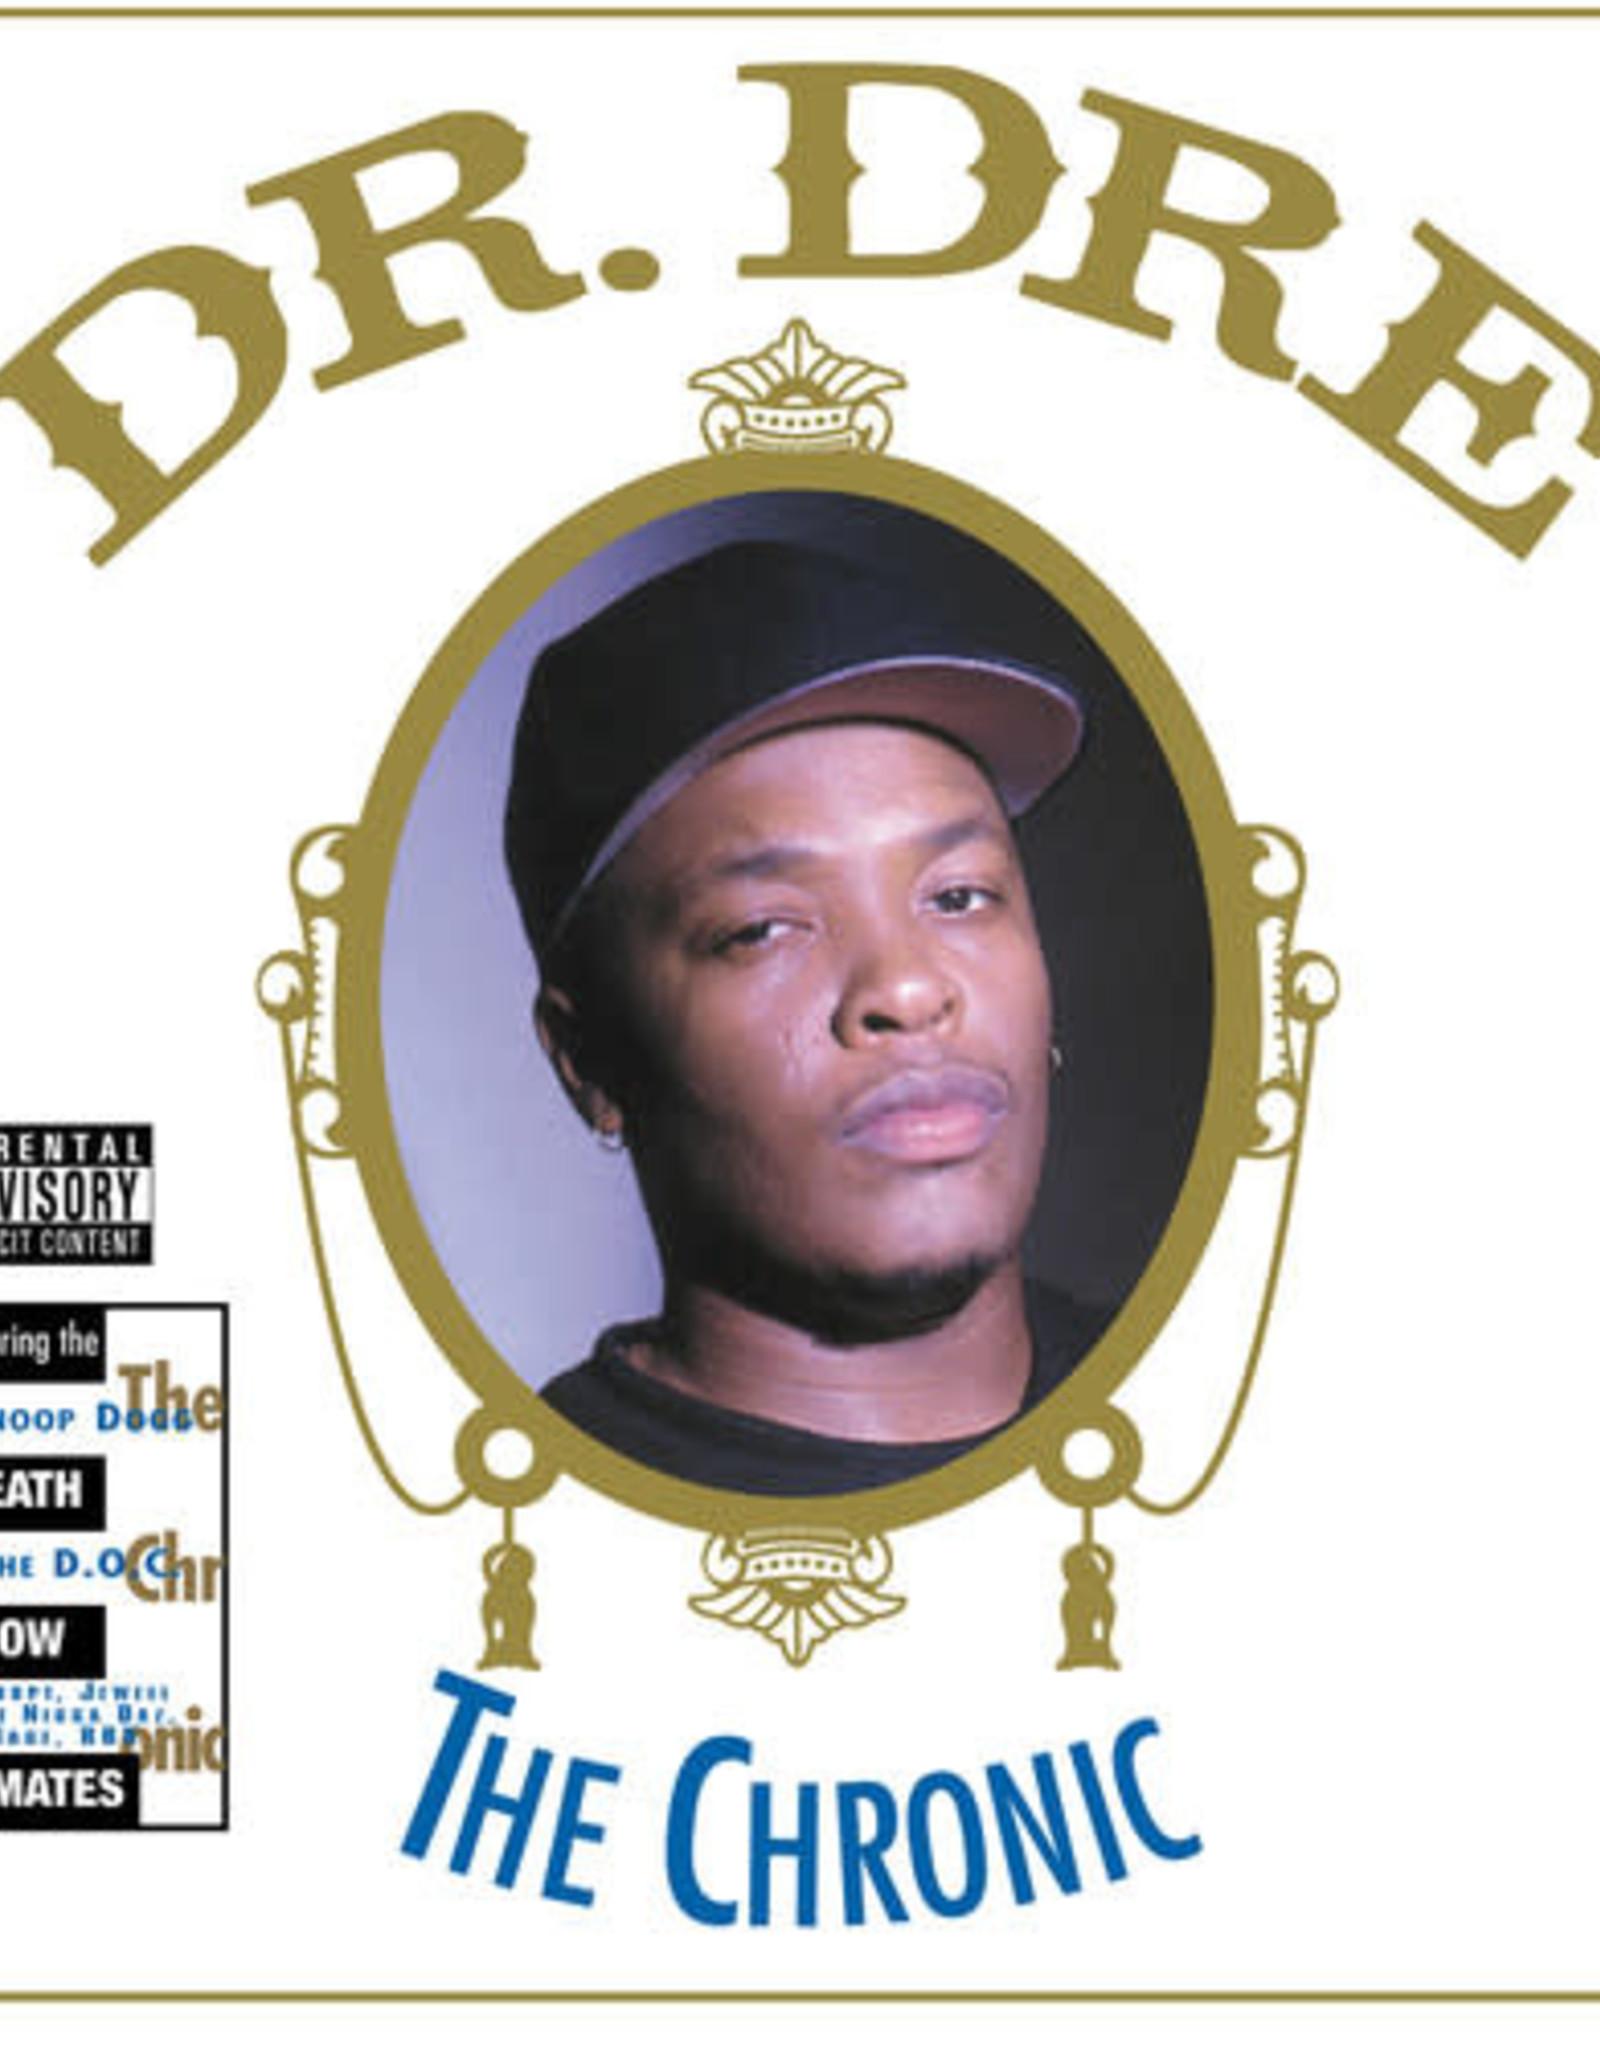 Dr. Dre - The Chronic (2 Lp'S)